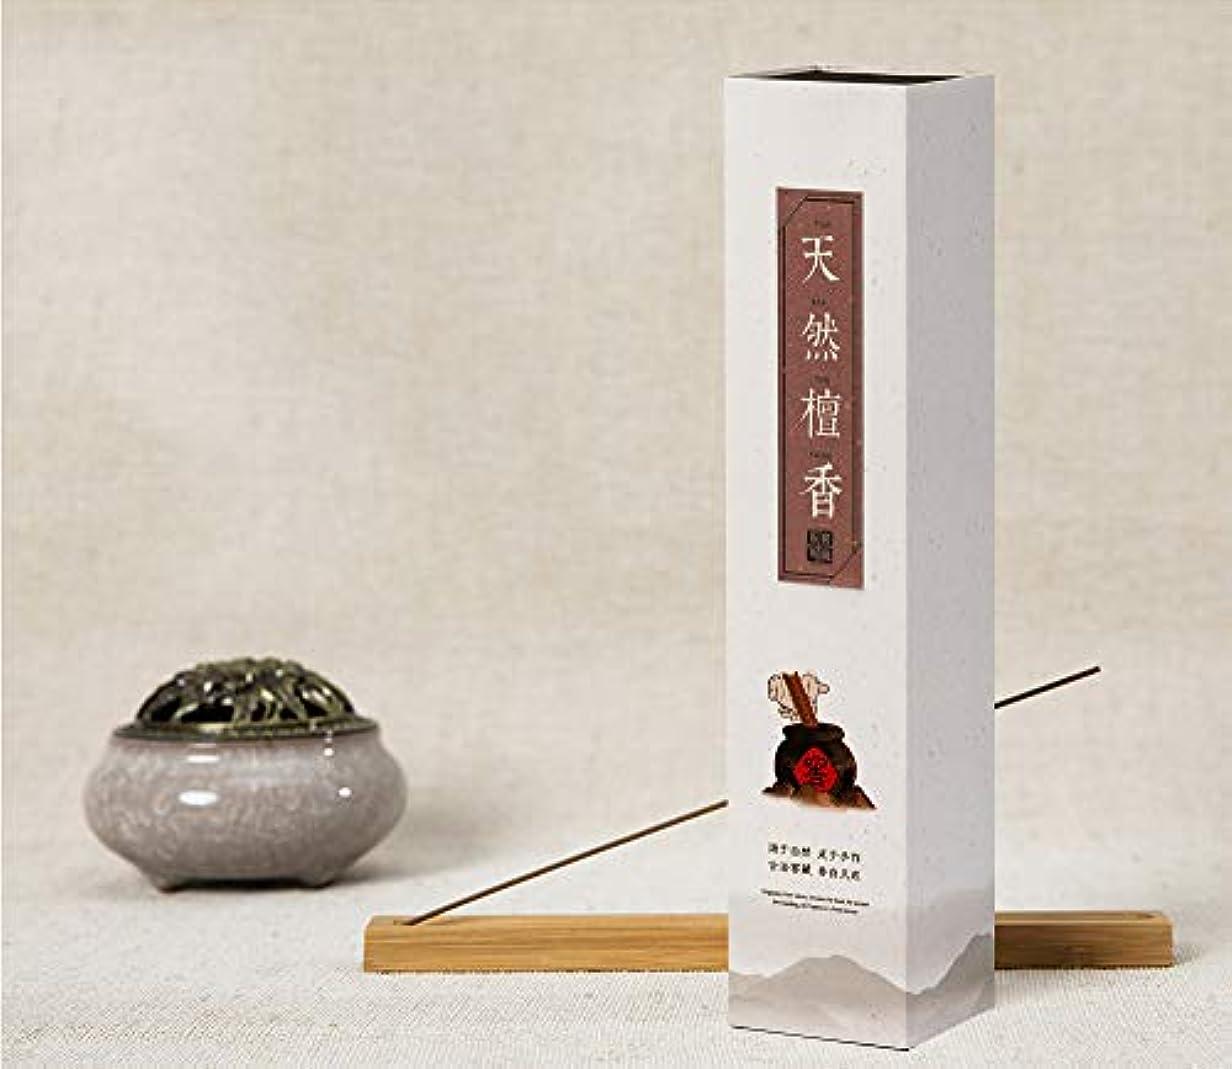 容疑者愛人案件HwaGui - お線香 天然檀香 インセンス 香るスティック 養心安神 お香ギフト 21cm 0.75時間